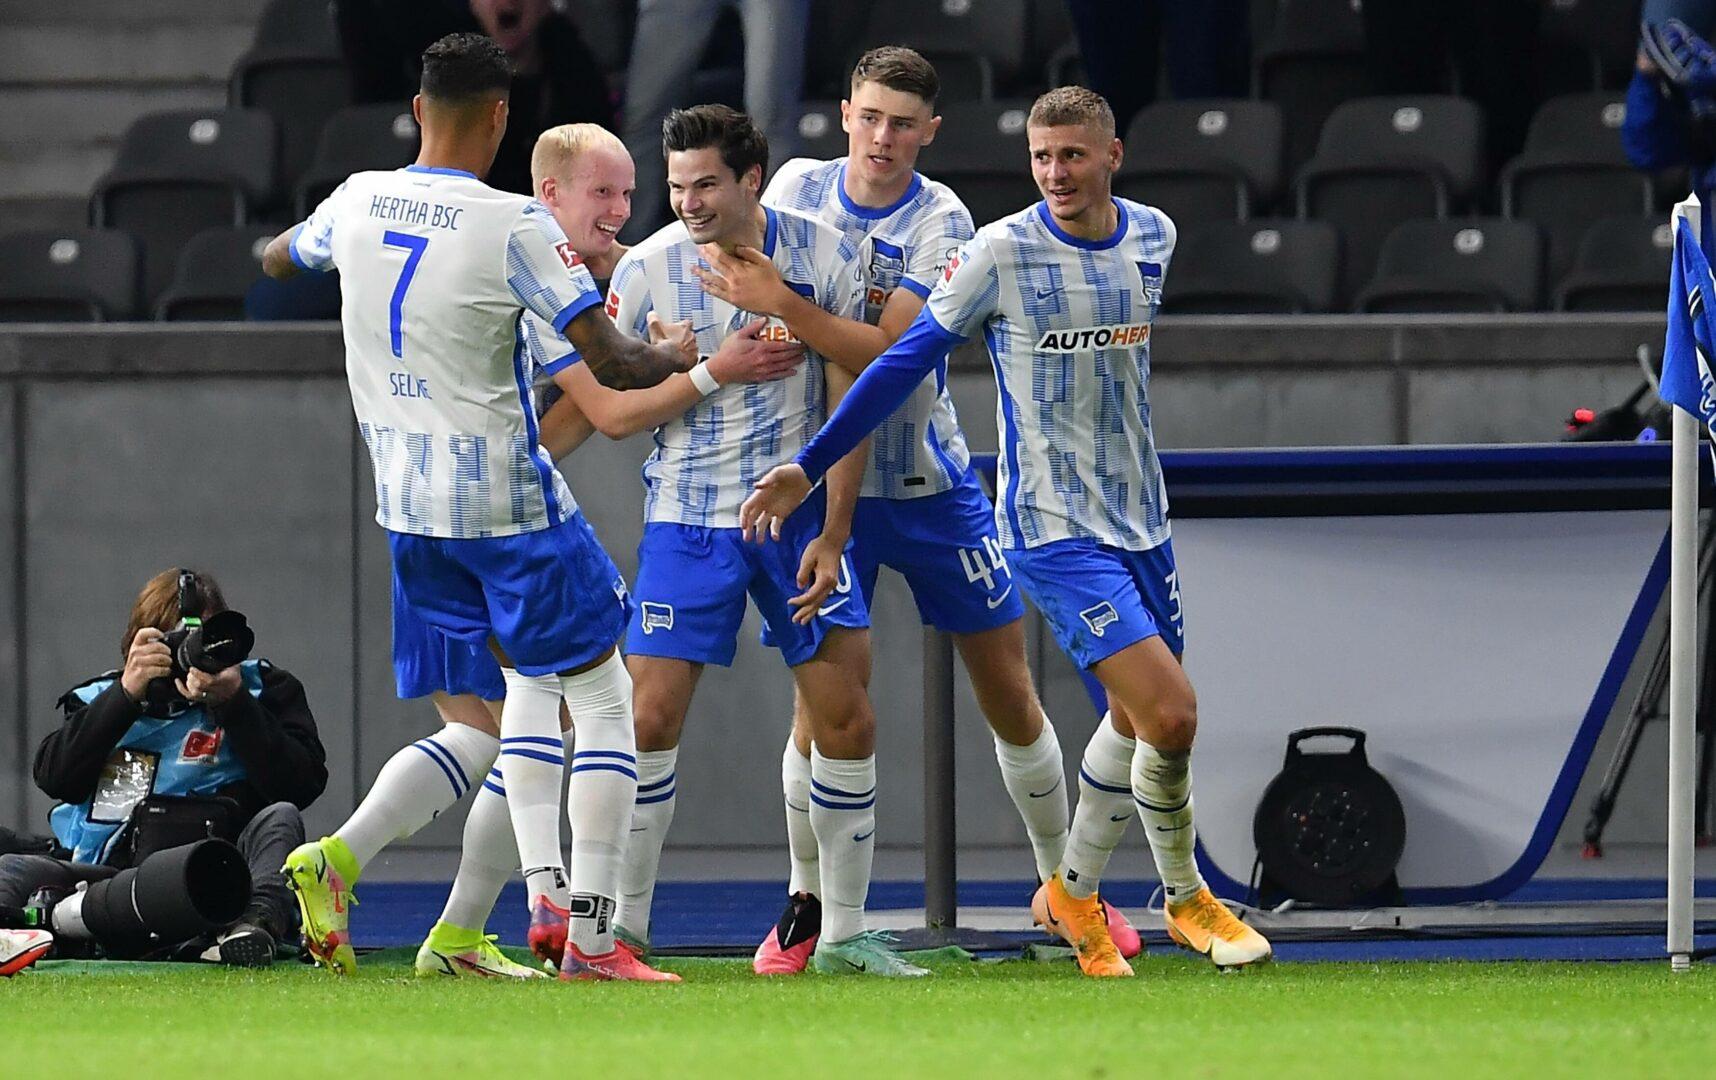 Hertha BSC bejubelt den Ausgleich gegen Fürth.